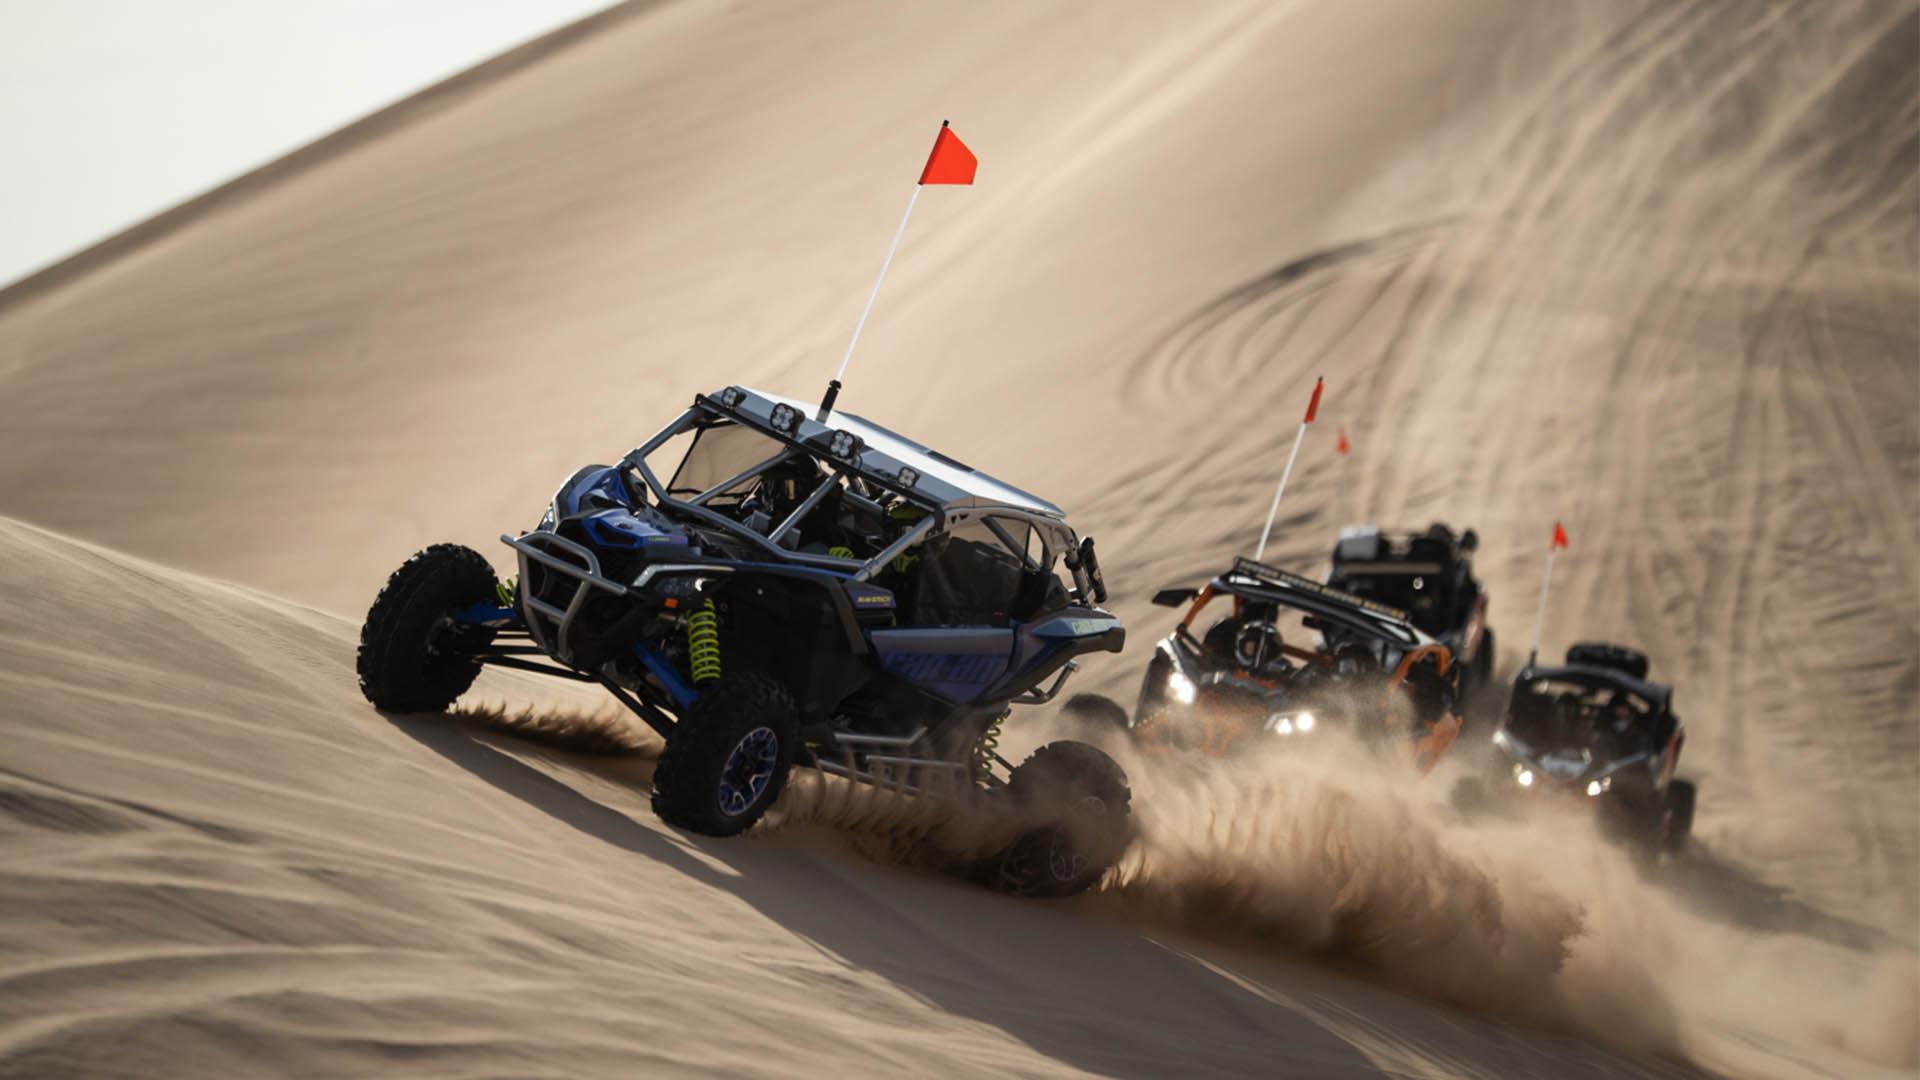 Nueva gama de Can-am Maverick X3, buggies subiendo duna sobre la arena.